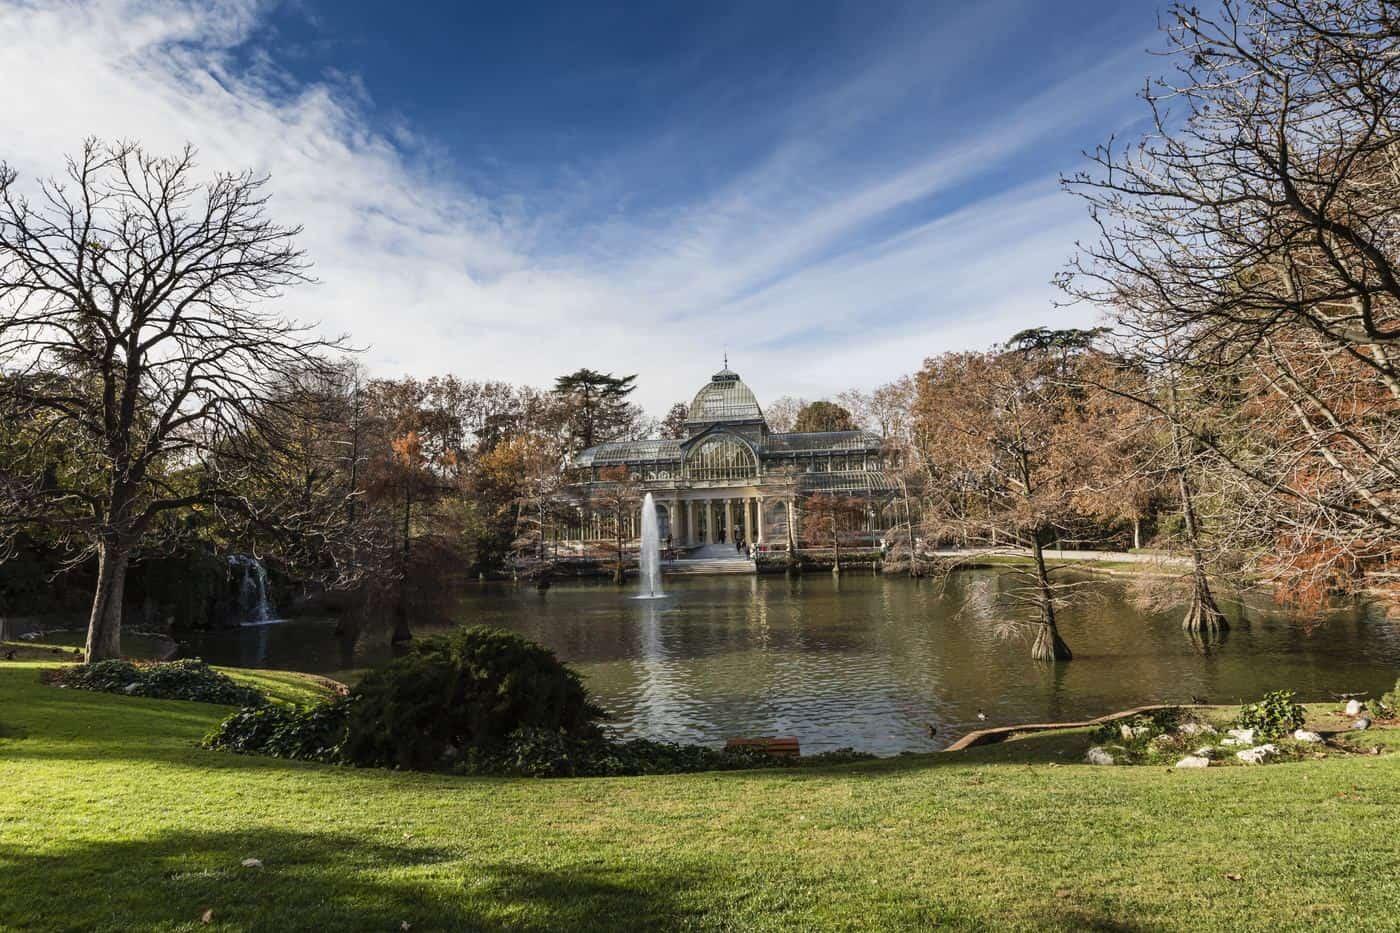 Madrid-Sehenswürdigkeiten – Retiro-Park mit Blick auf den Palacio de Cristal